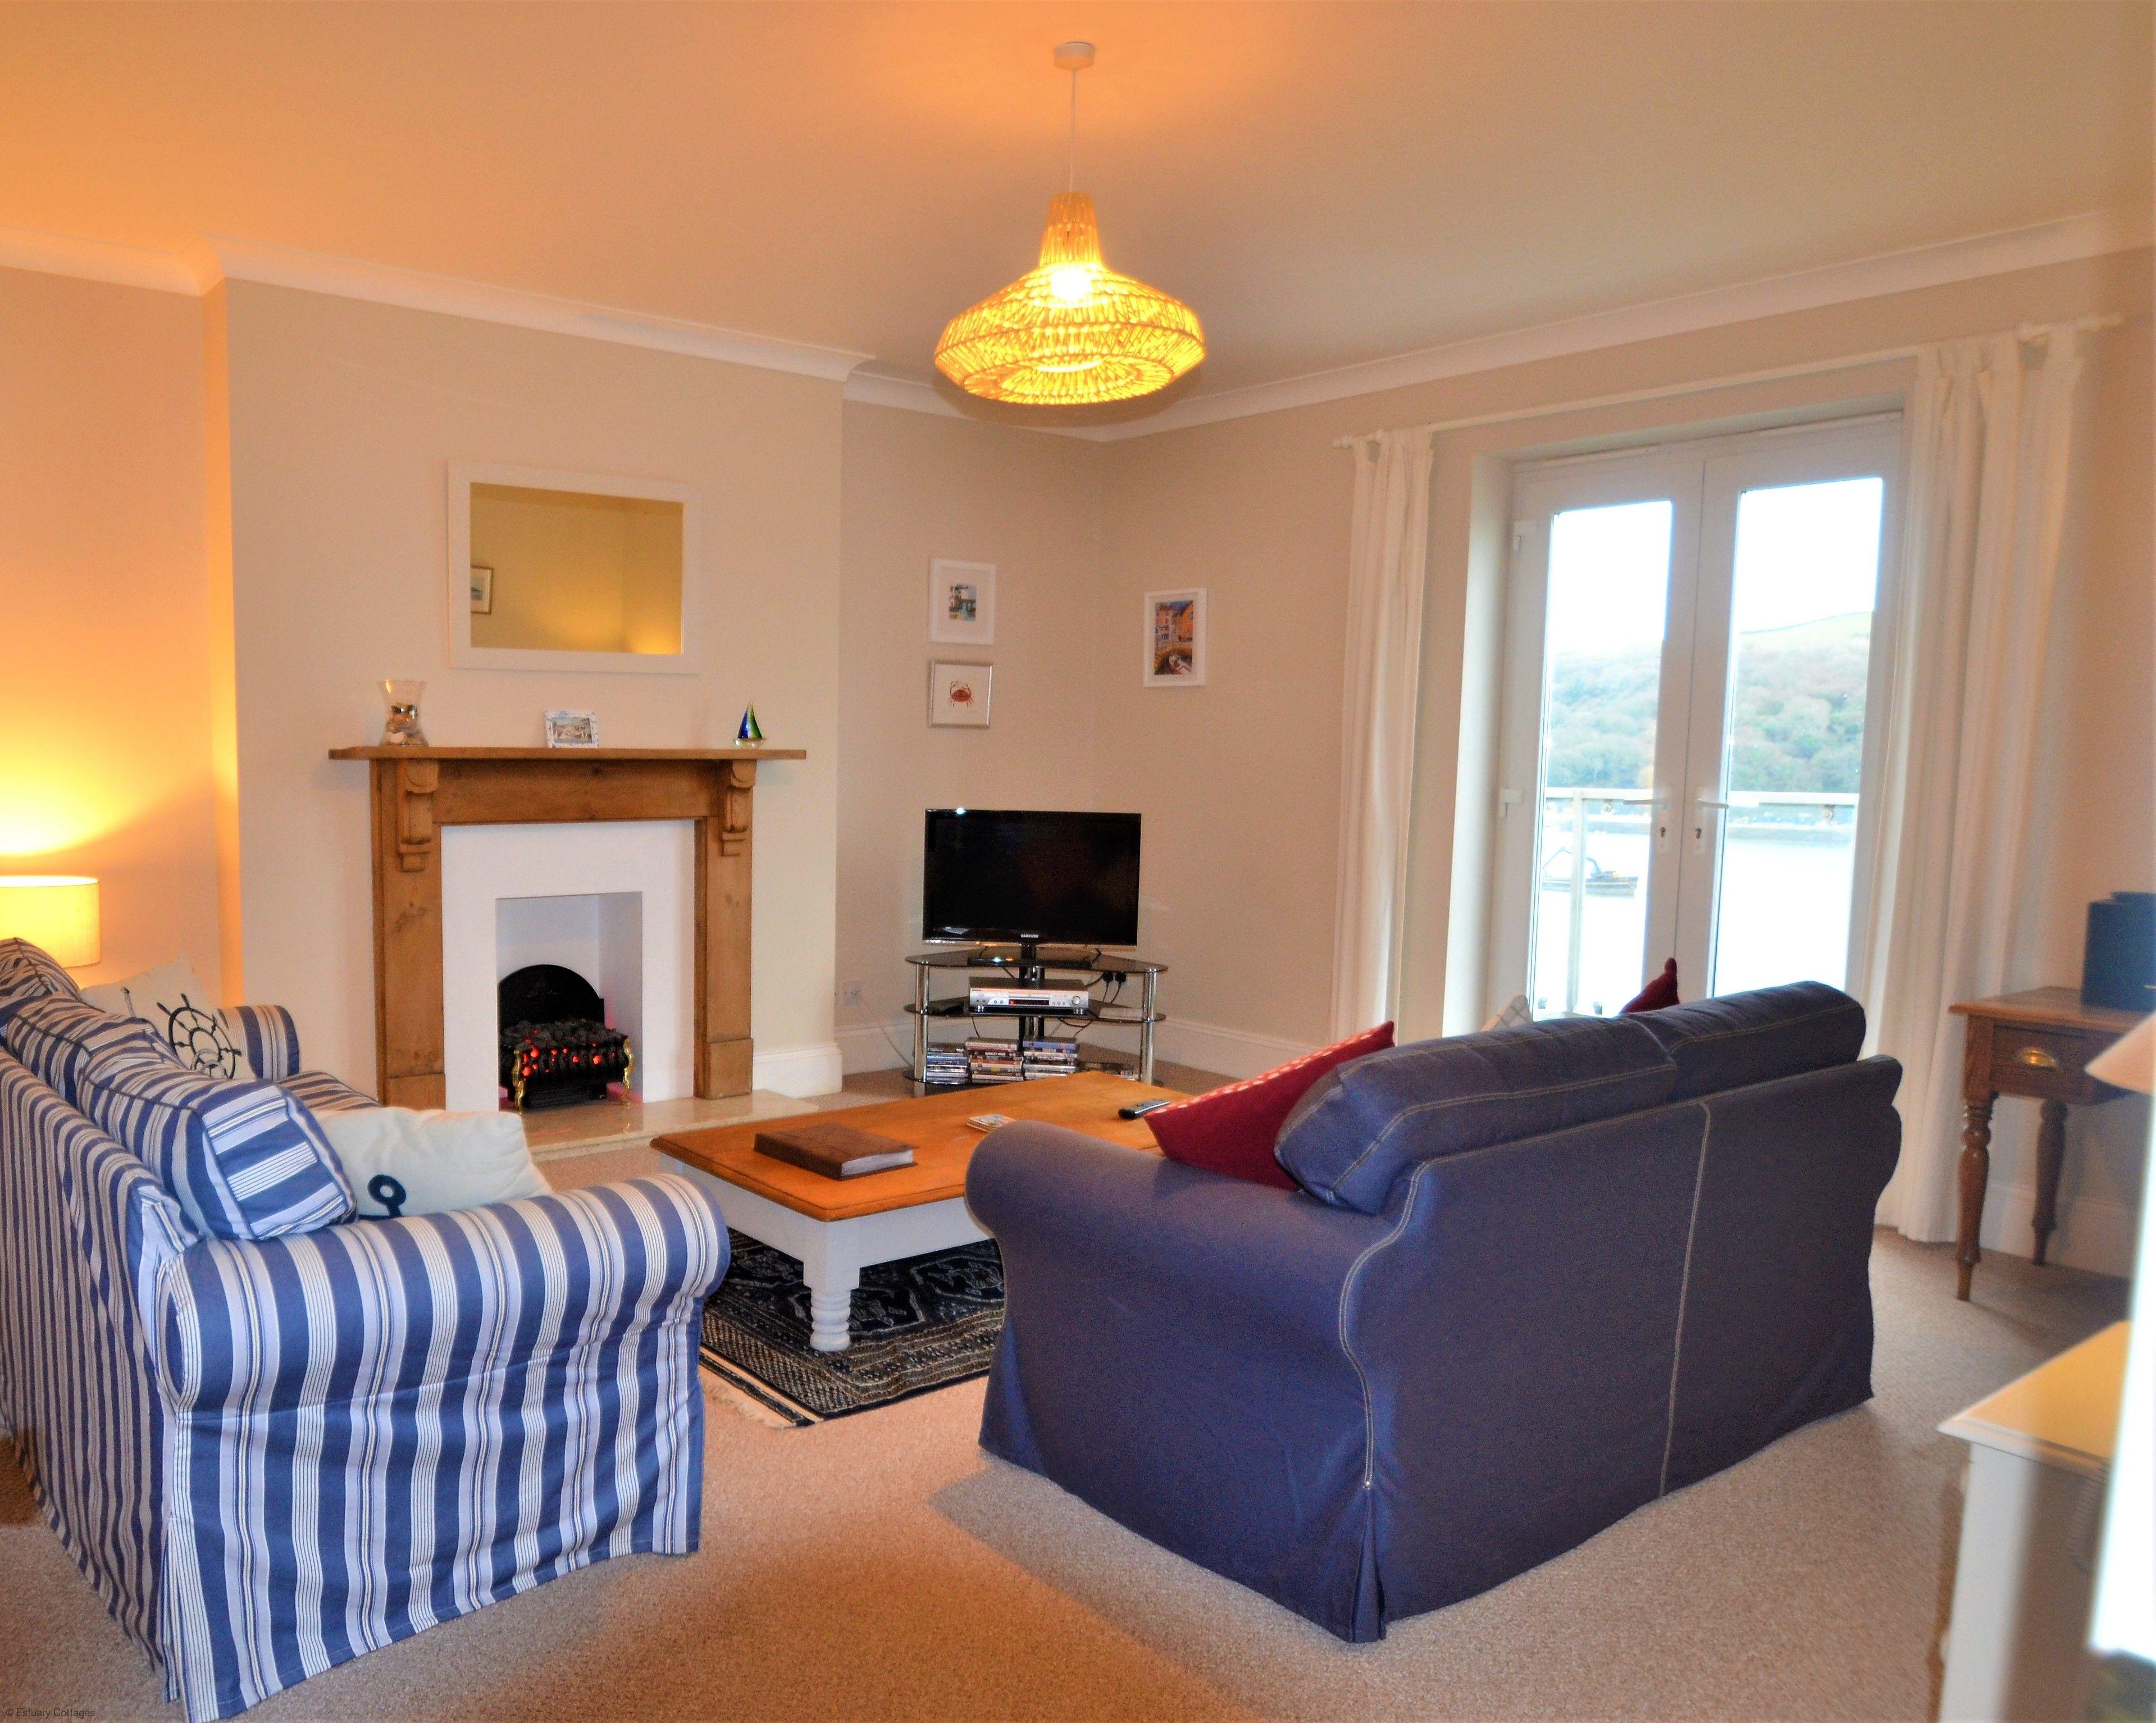 penthouse the estuary cottages rh estuarycottages co uk